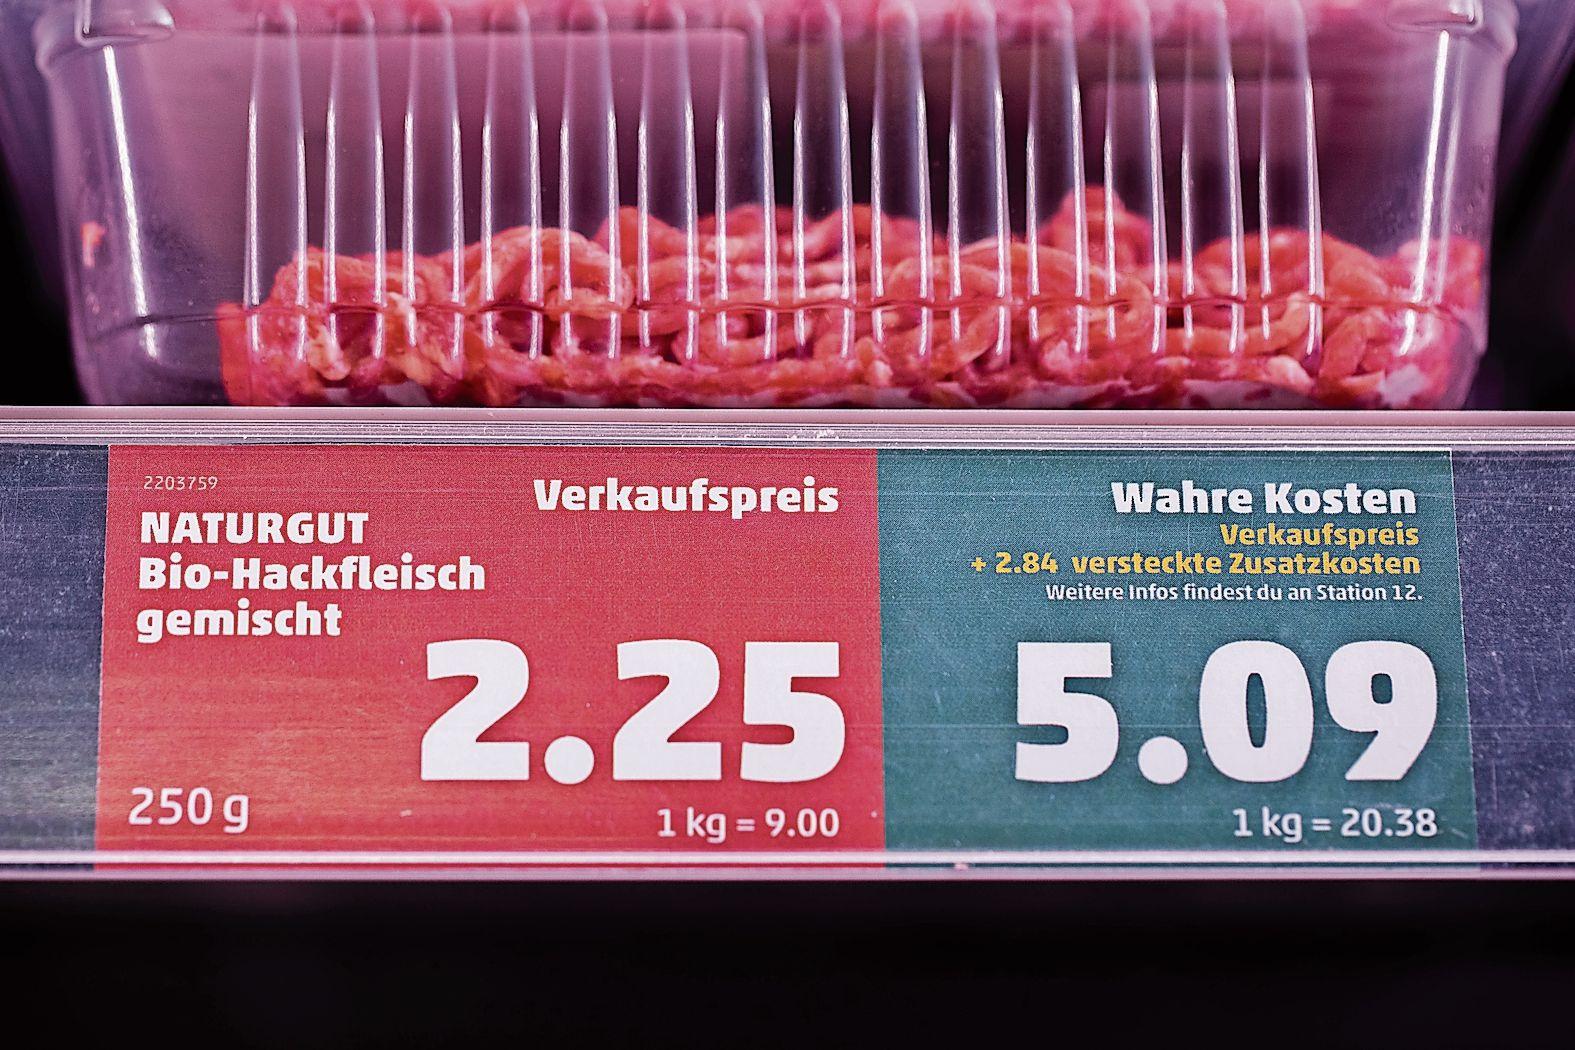 """Doppelter Preis: Der Discounter Penny schildert die """"wahren Kosten"""" zurzeit in einem Berliner Geschäft aus. Foto: dpa"""